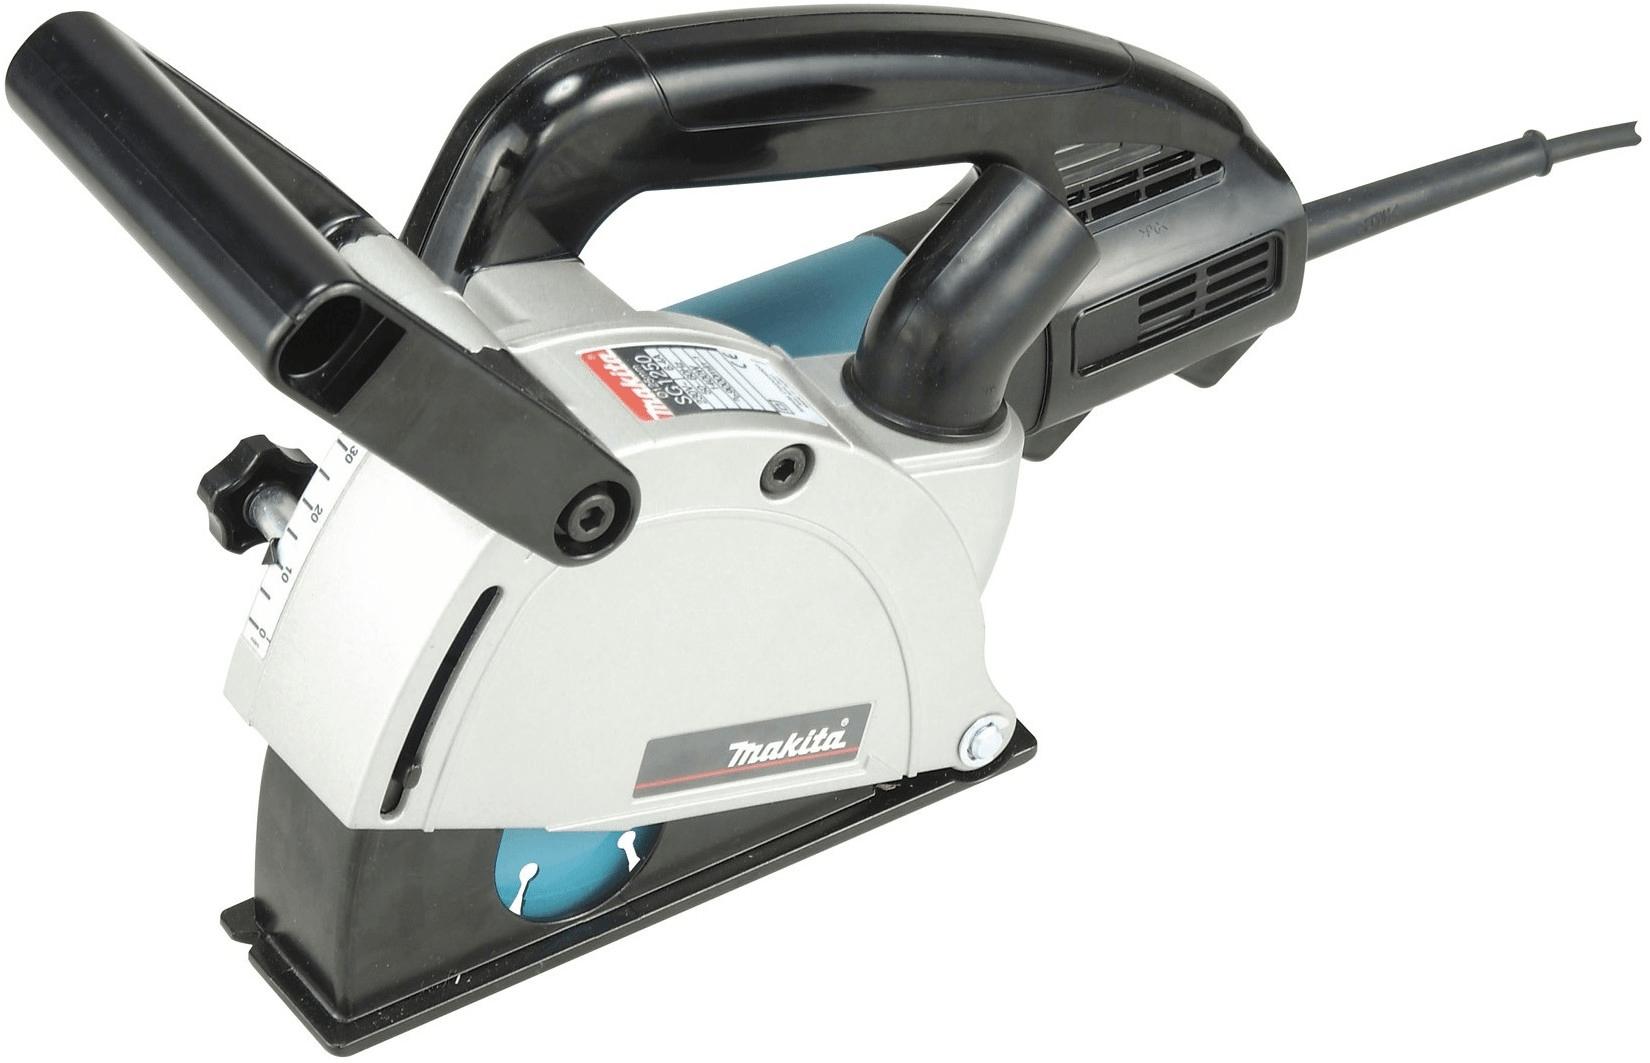 Makita SG1250 (137867) - штроборез (Blue)Угловые шлифовальные машинки (Болгарки)<br>Штроборез<br>